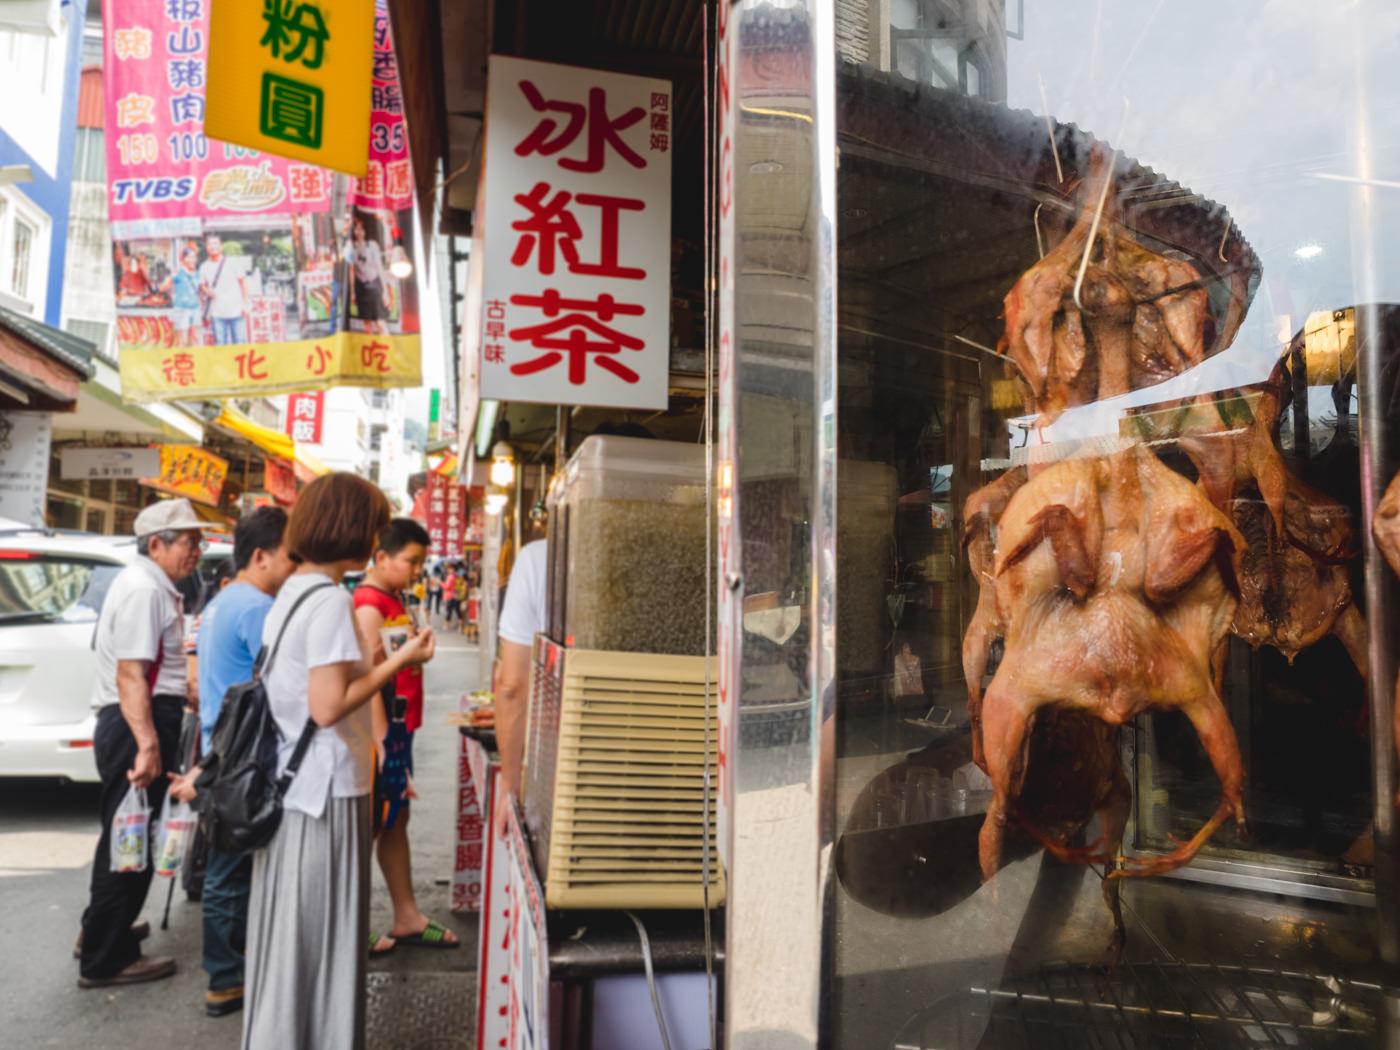 Taiwan - Nantou City - Pigeon stall